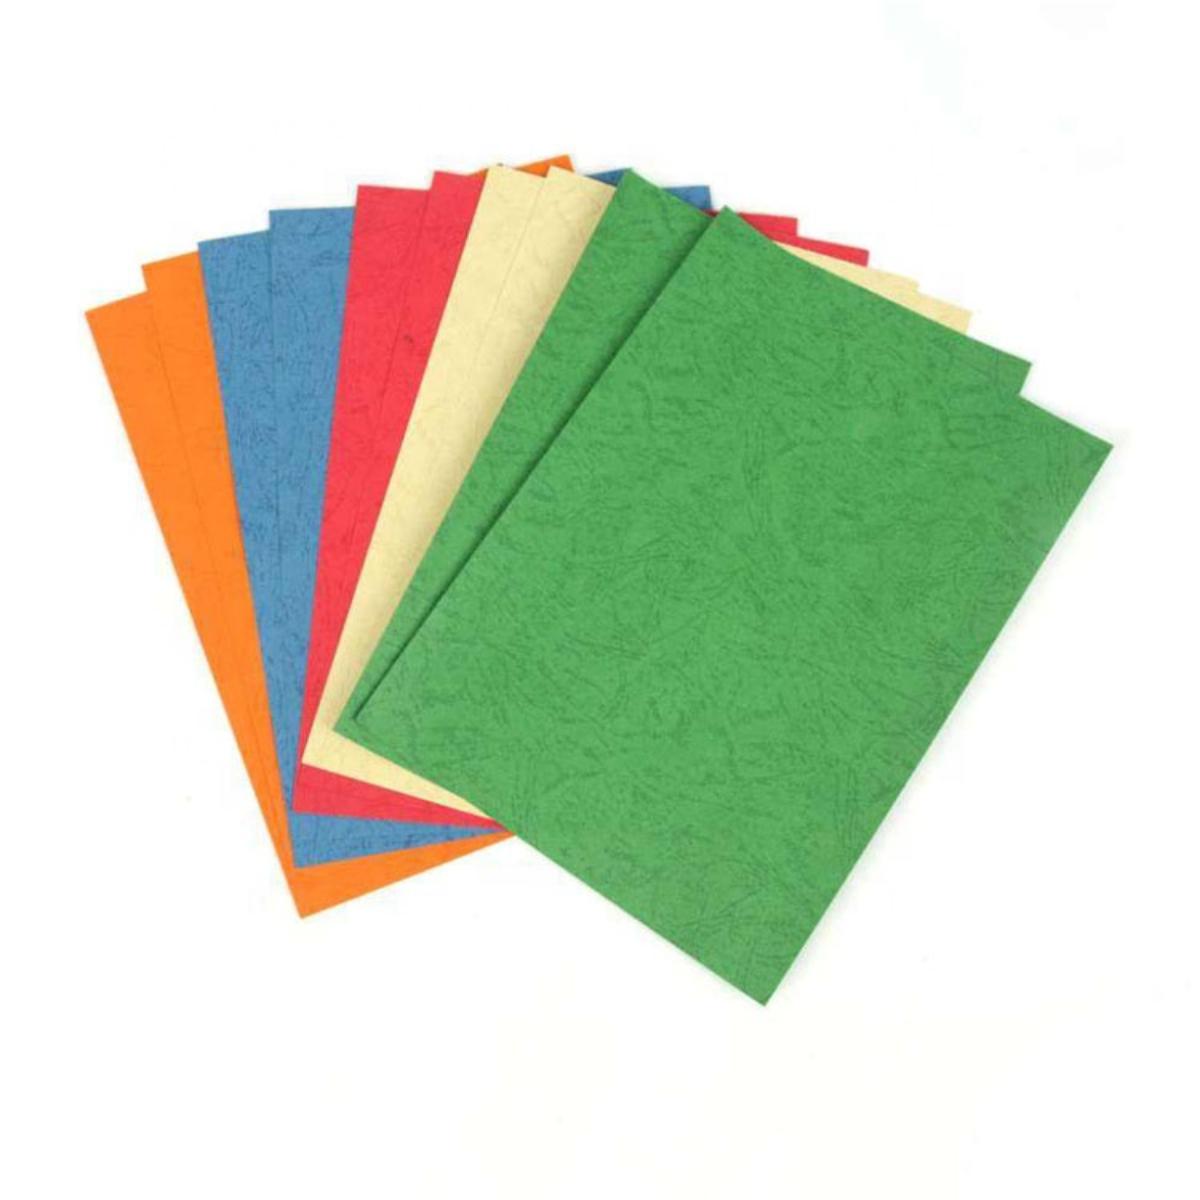 חבילת 100 דפים לכריכה דמוי עור קרם